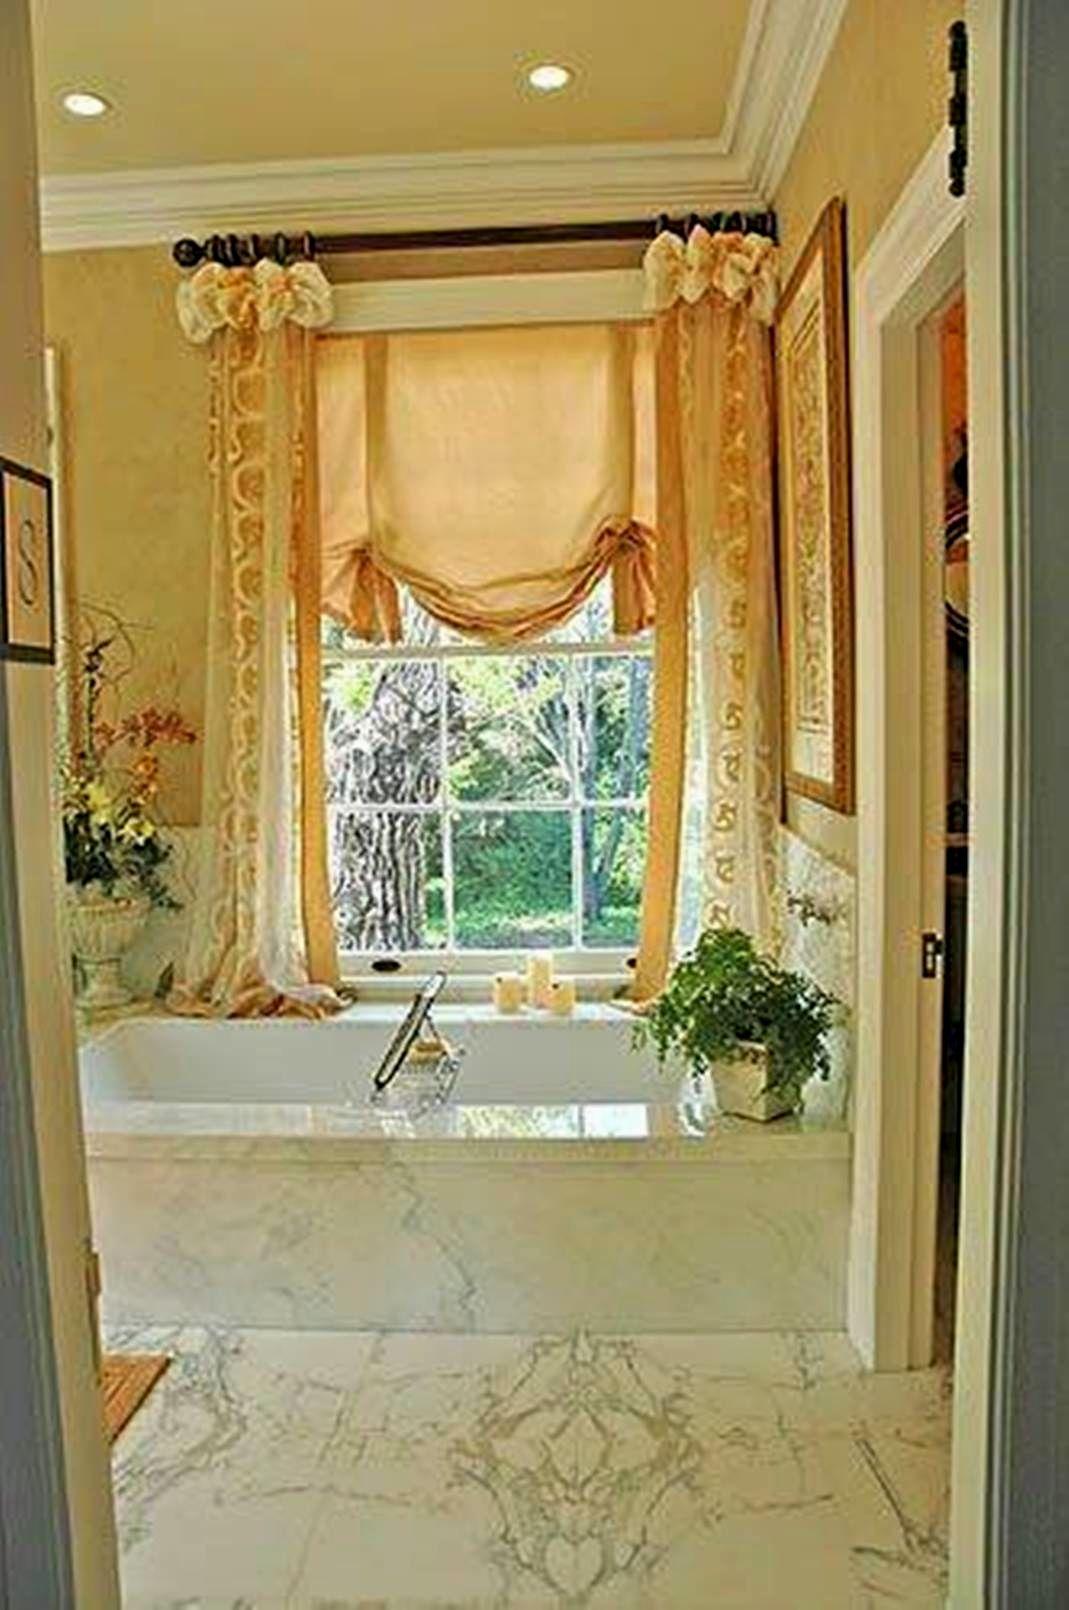 inspirational peerless bathroom faucet repair image-Luxury Peerless Bathroom Faucet Repair Wallpaper